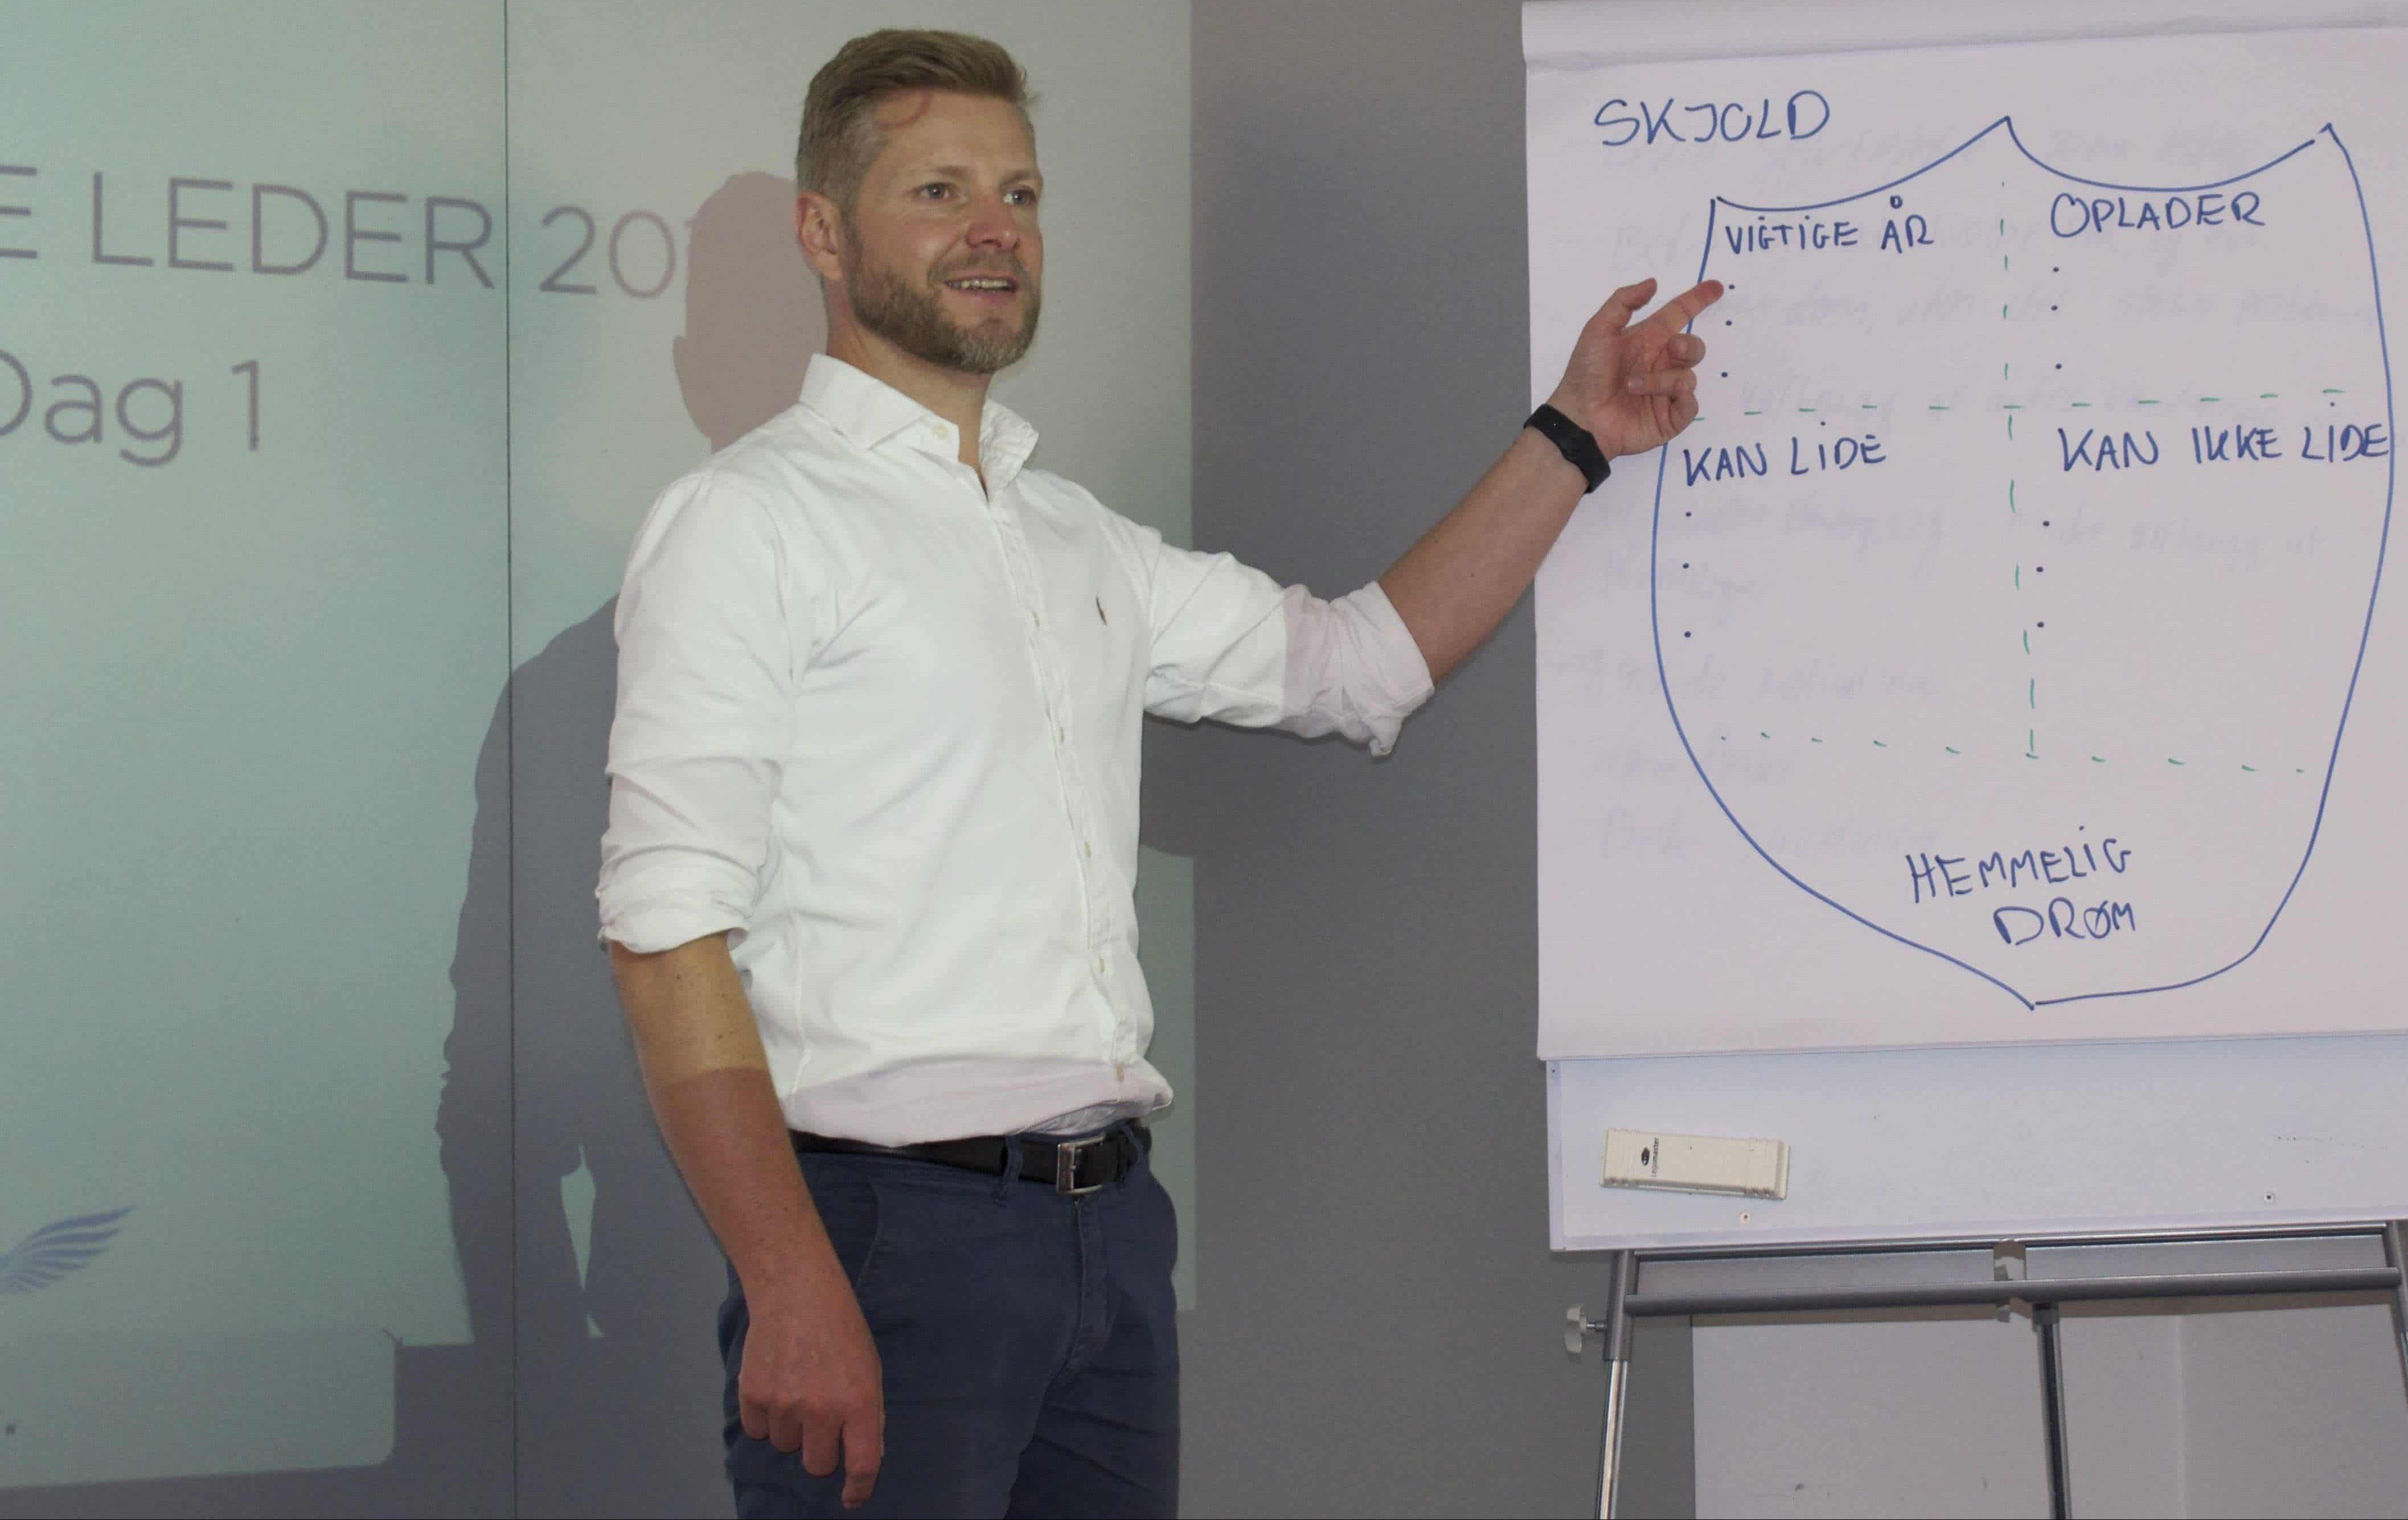 Foredrag lederkursus Nicolai Sommer